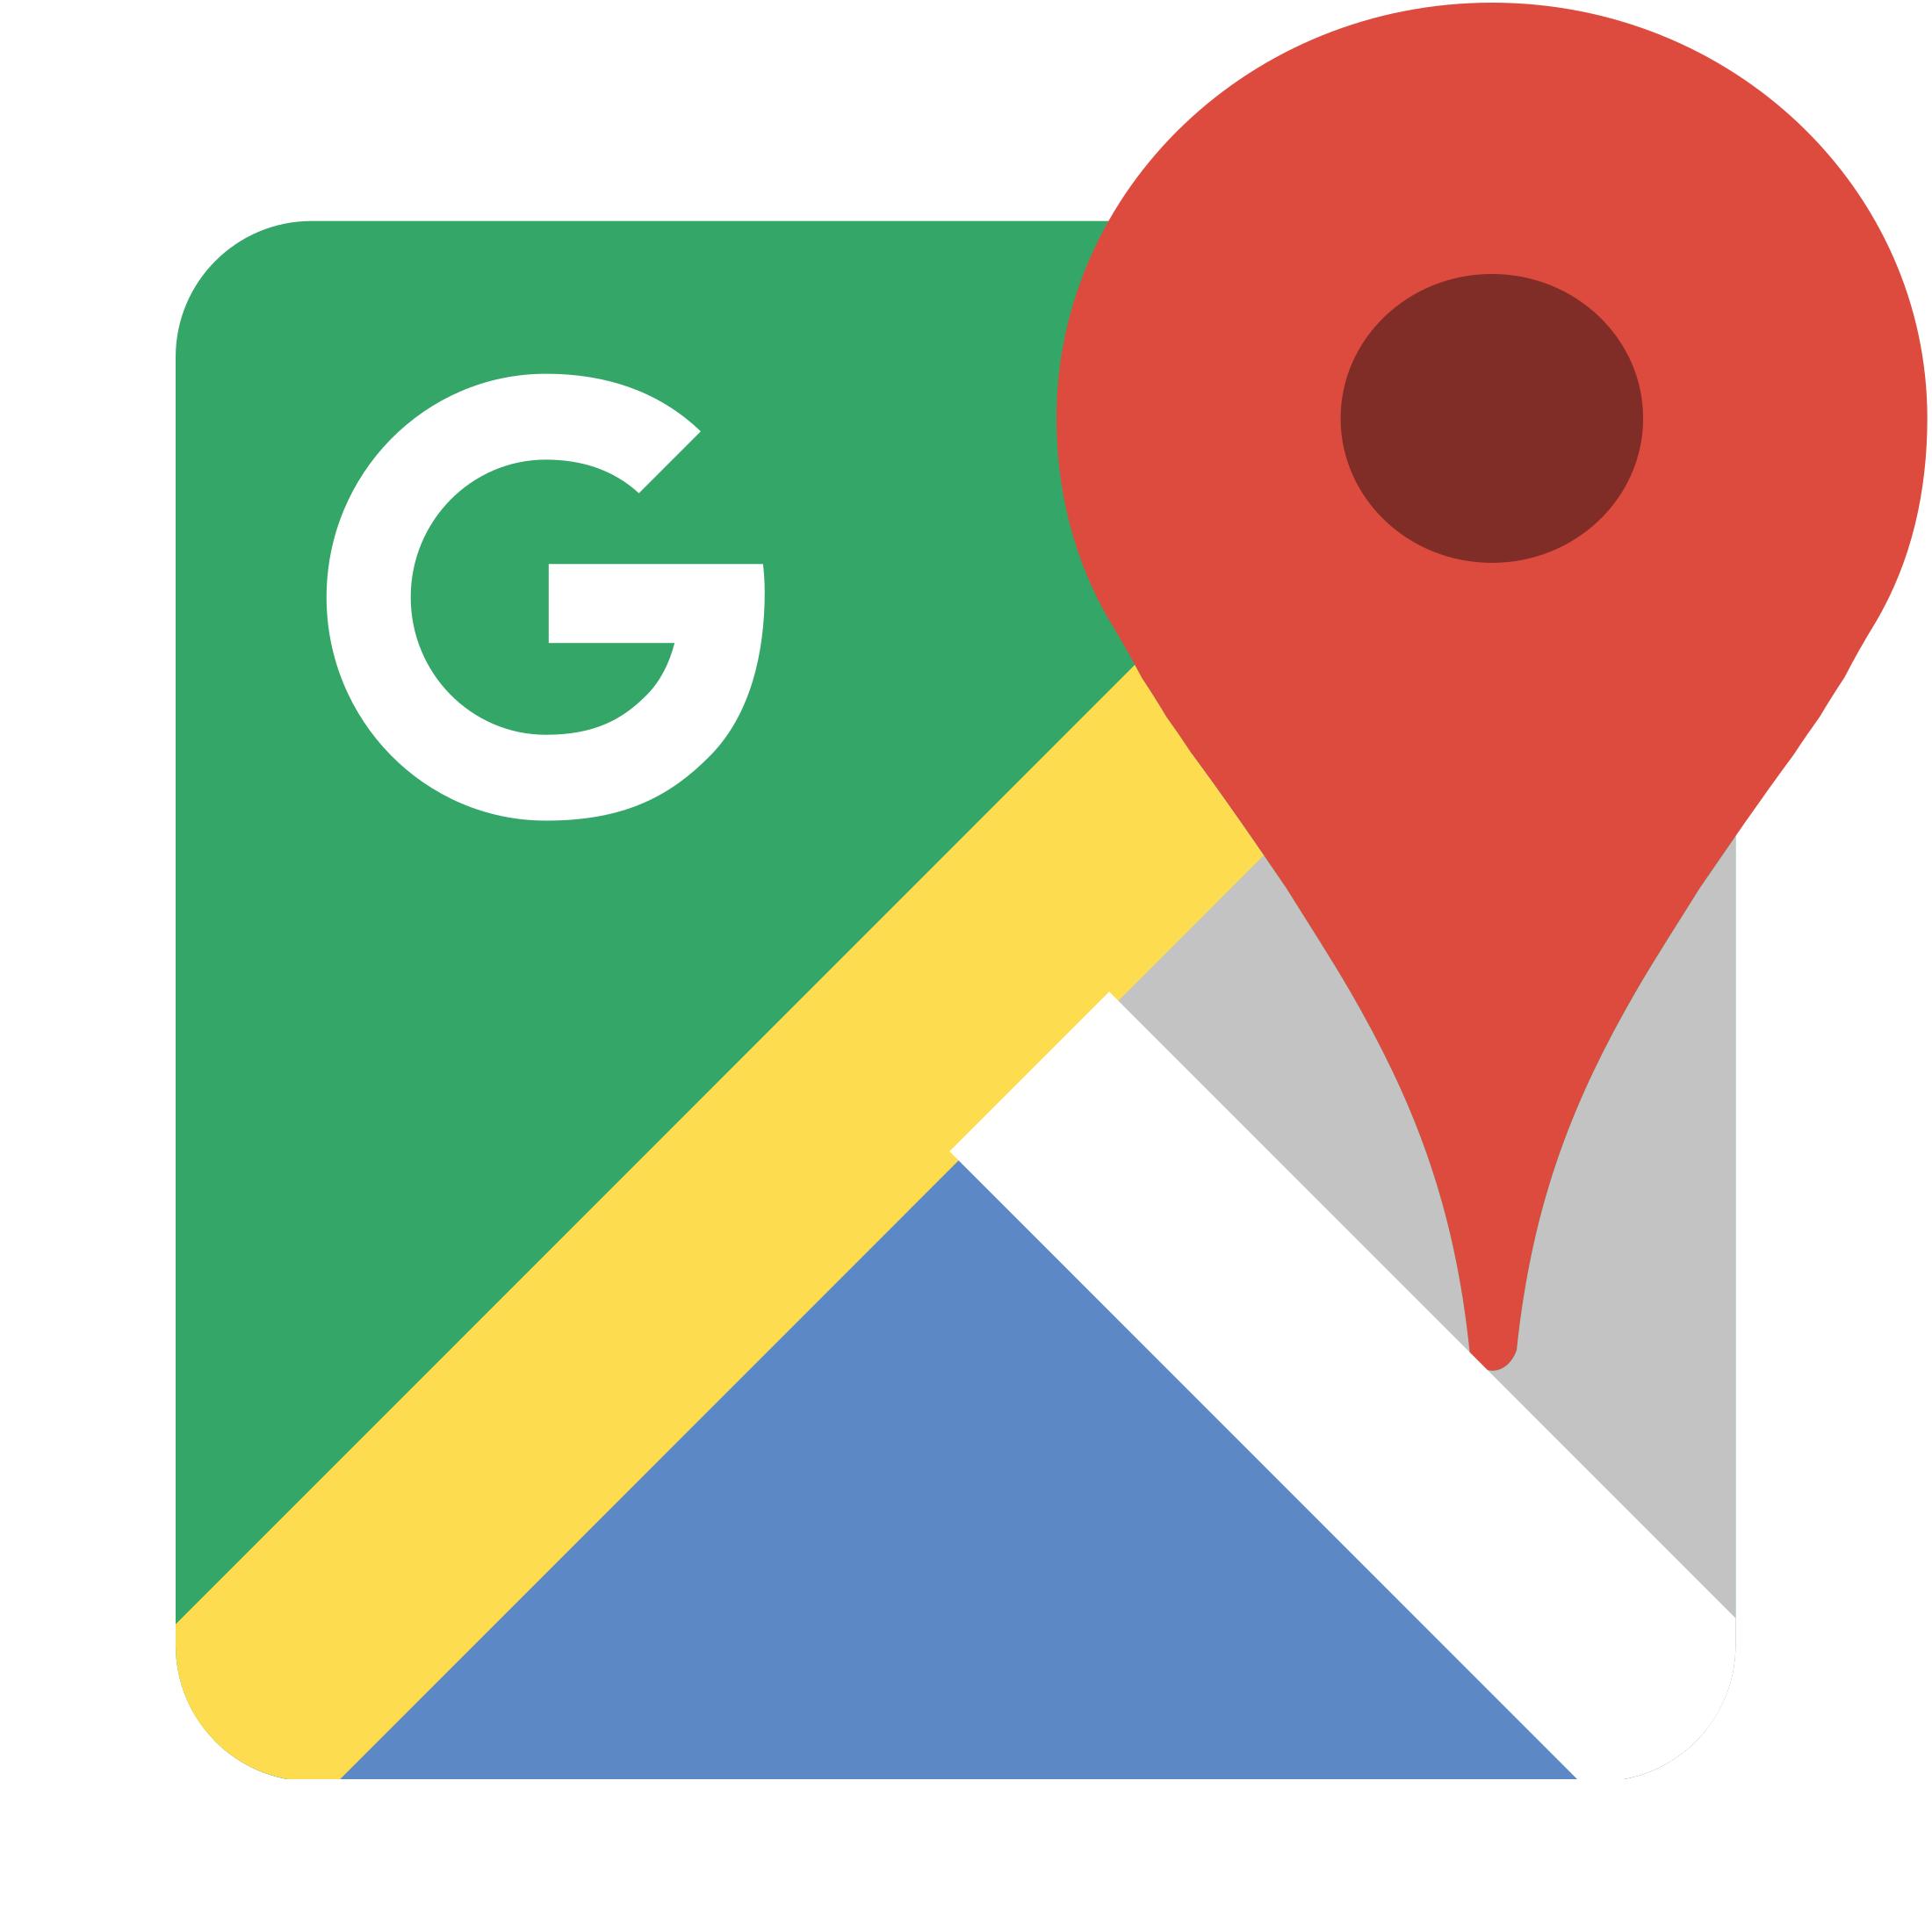 Obrázek: Jak bude Huawei řešit navigaci bez Googlu? Jednoduše, obrátí se na nizozemský TomTom